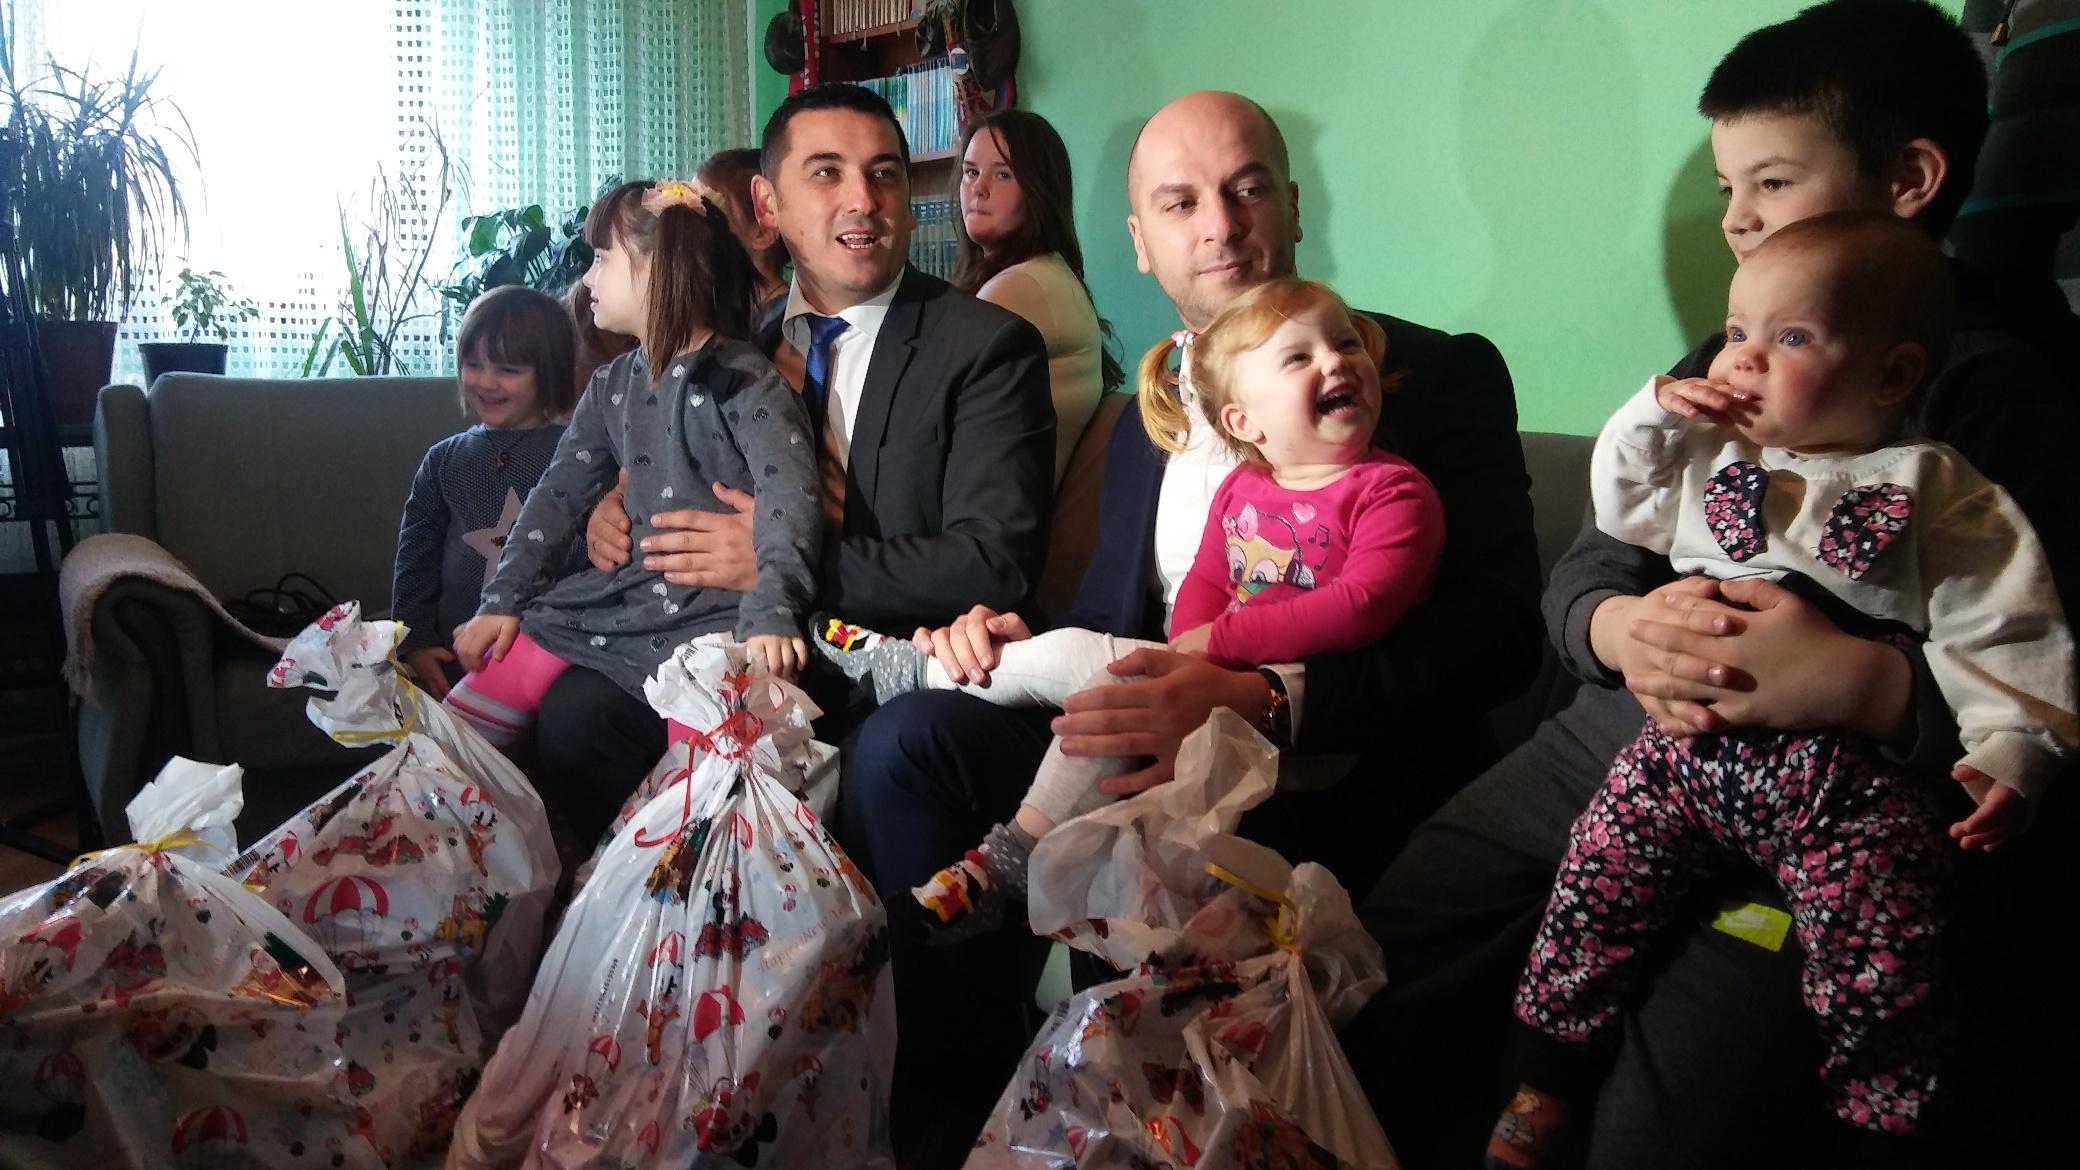 vukovicima-novogodisnji-paketici-i-stipendija-za-skolovanje-dece-foto